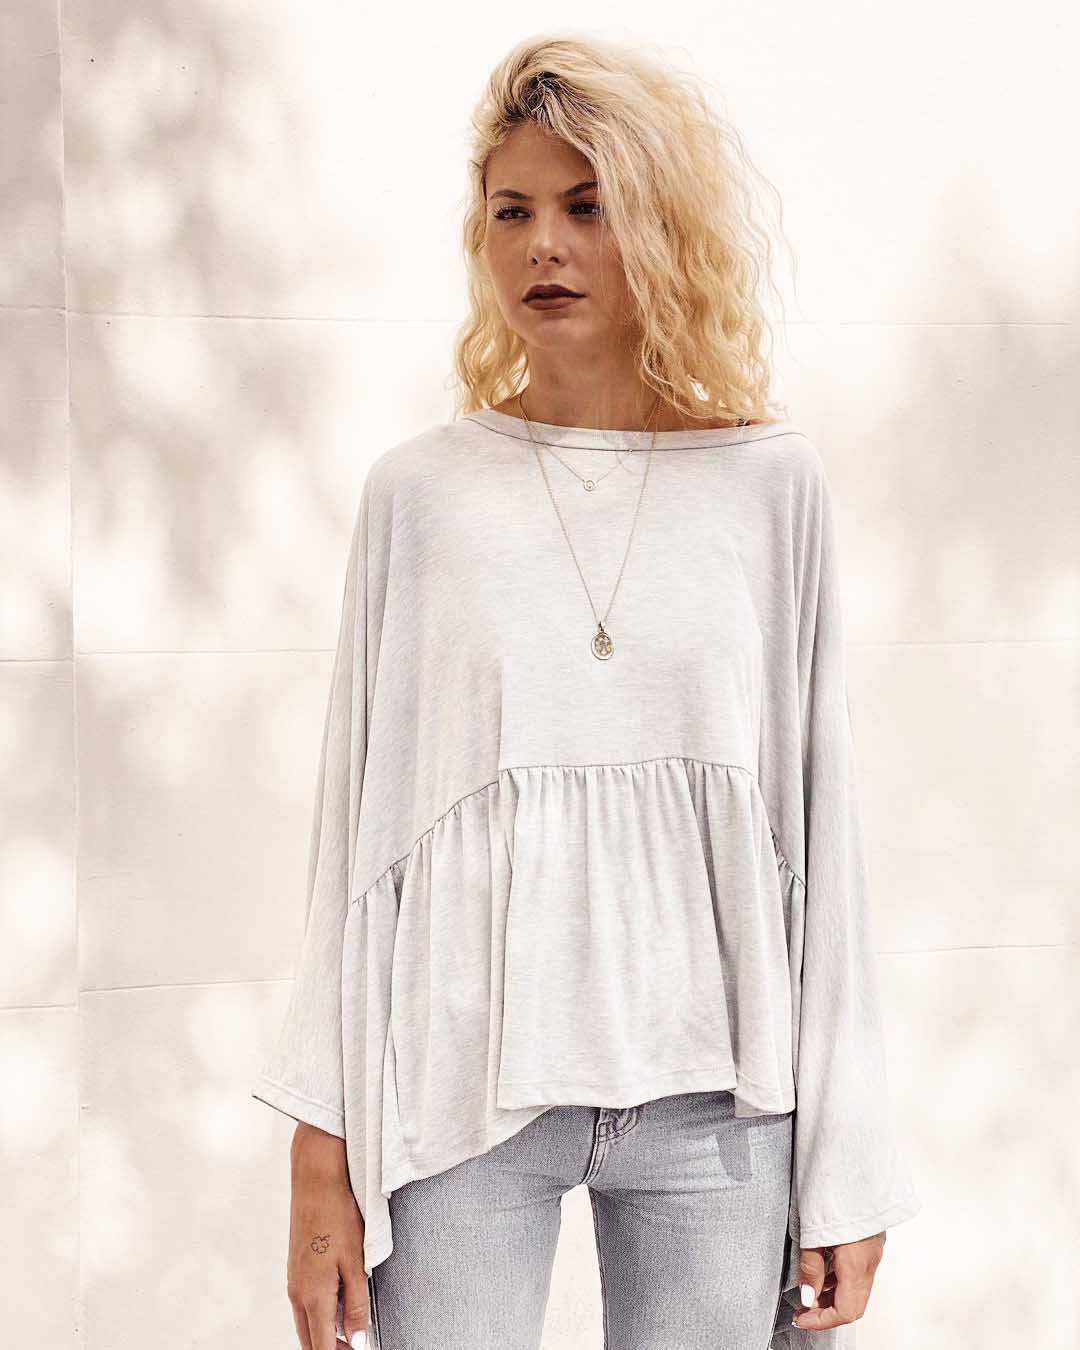 remeron remera blusa de algodon invierno 2021 moda mujer